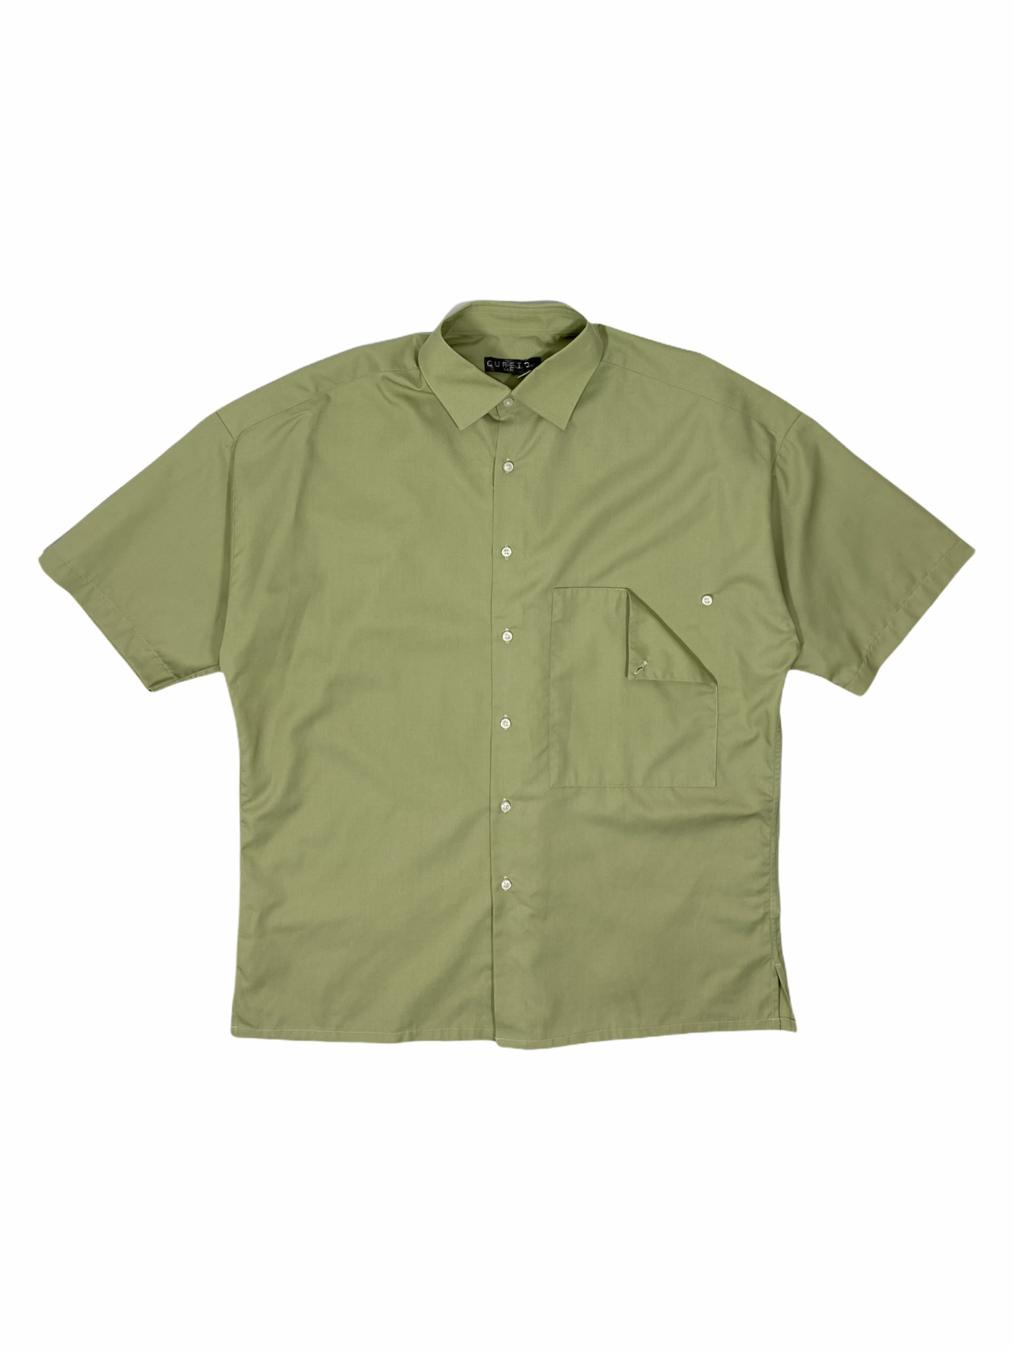 Pocket Shirt (Olive)